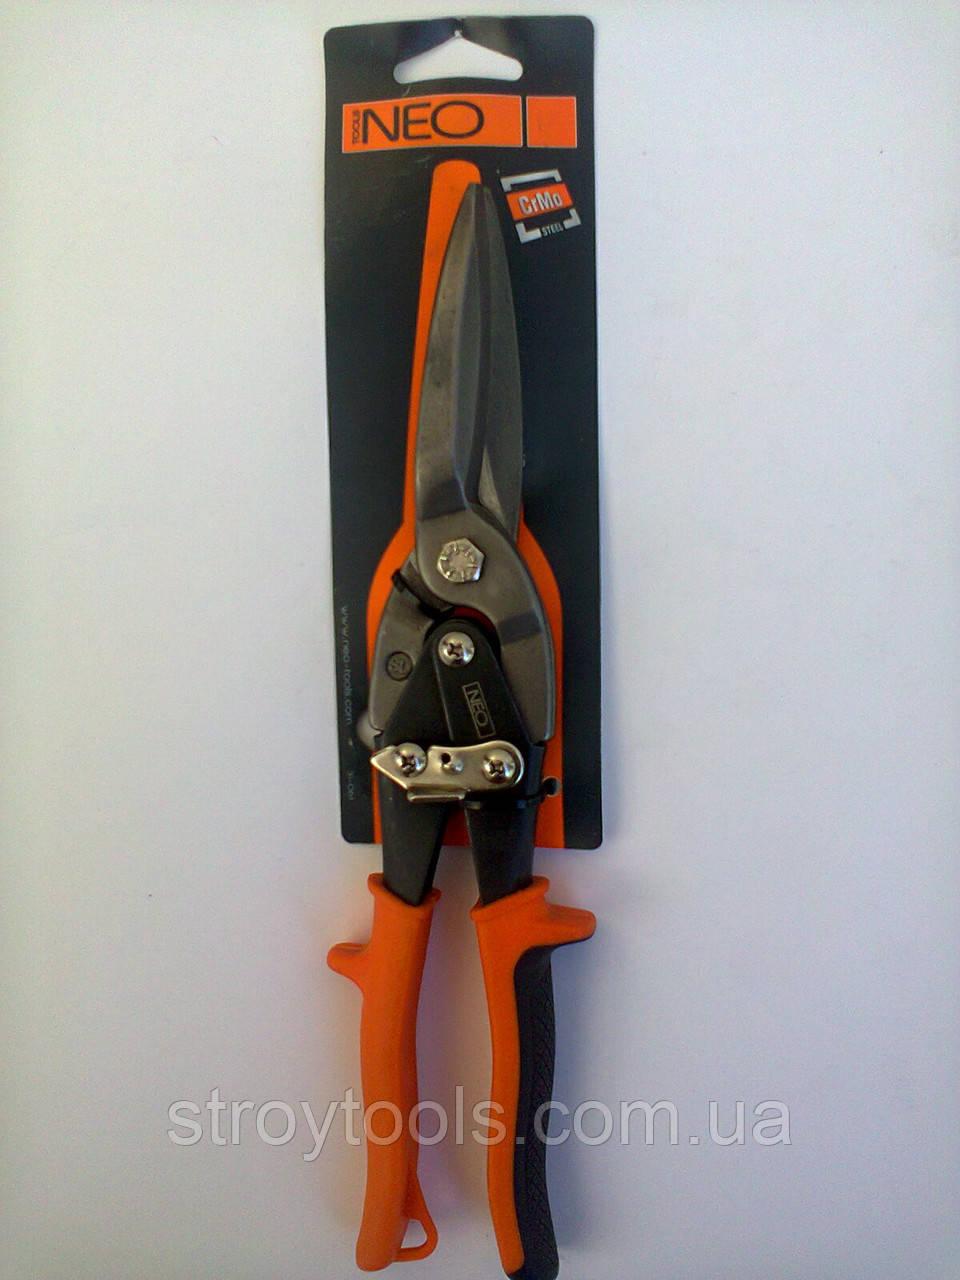 Ножницы по металлу NEO 31-061 удлиненные 290мм.Киев.